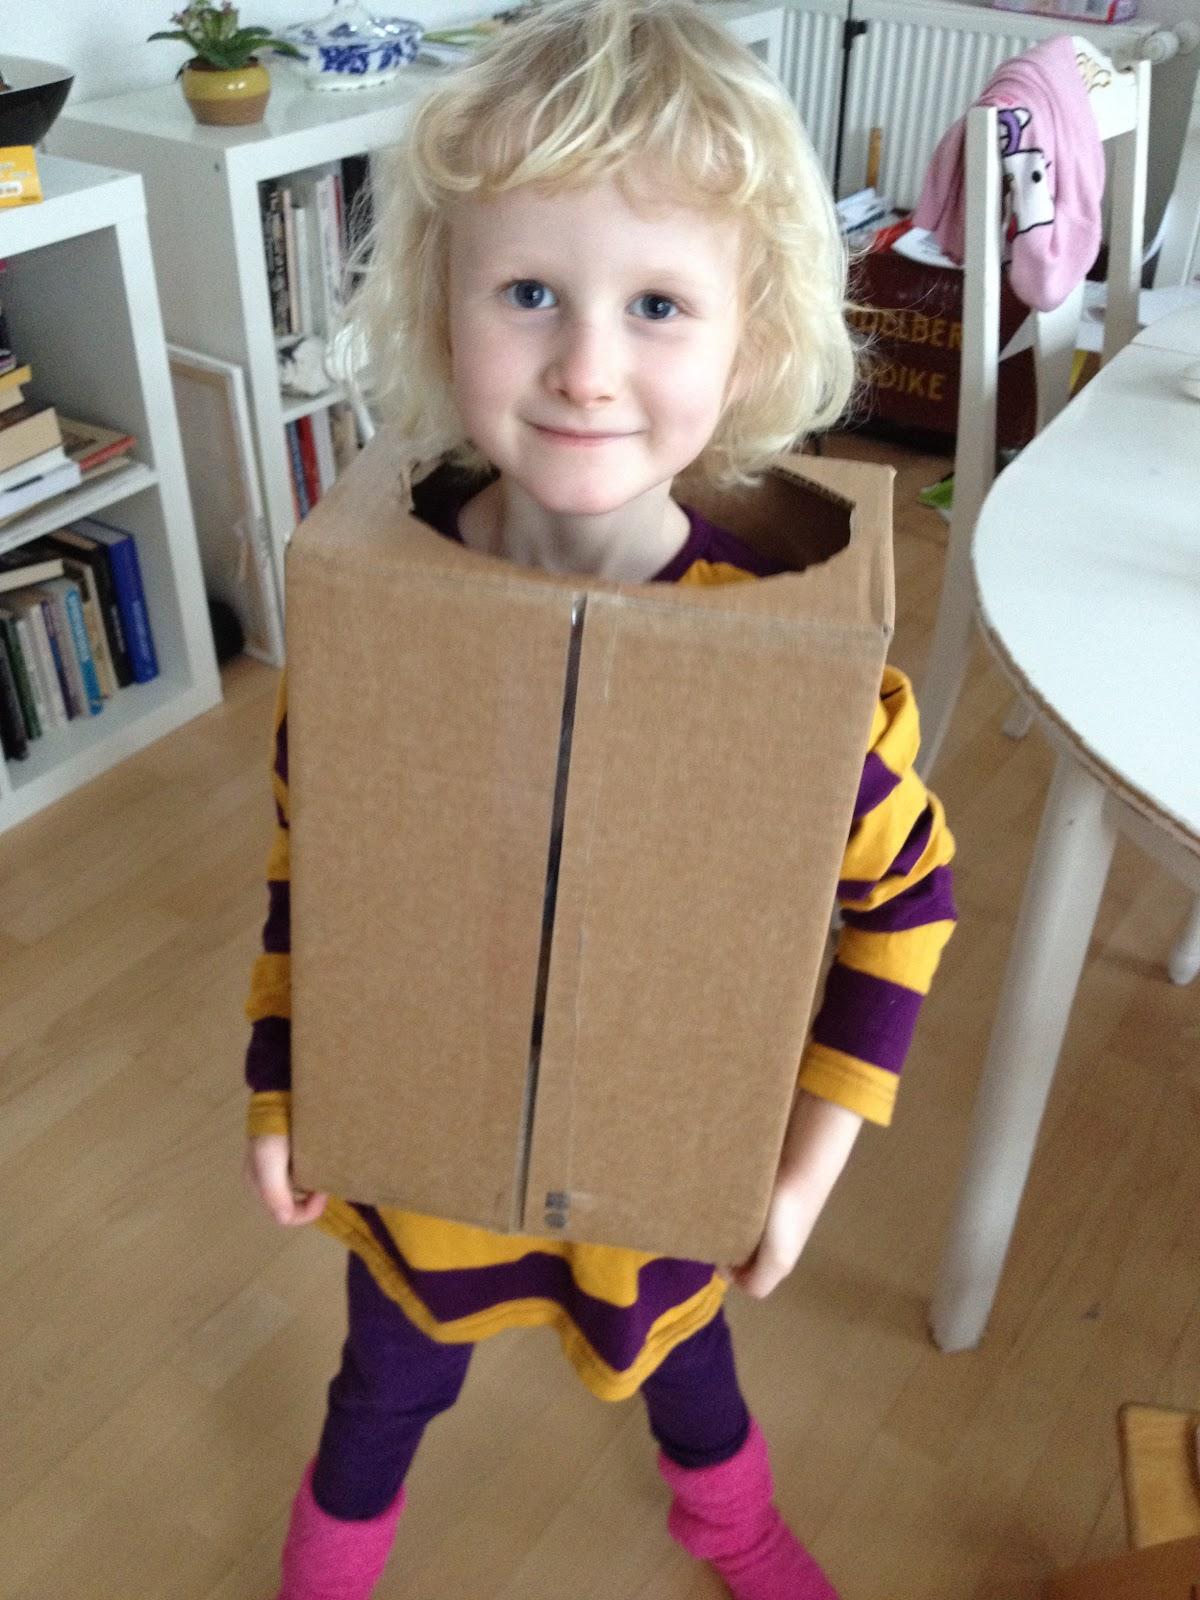 Hjemmelavet udklædning børn